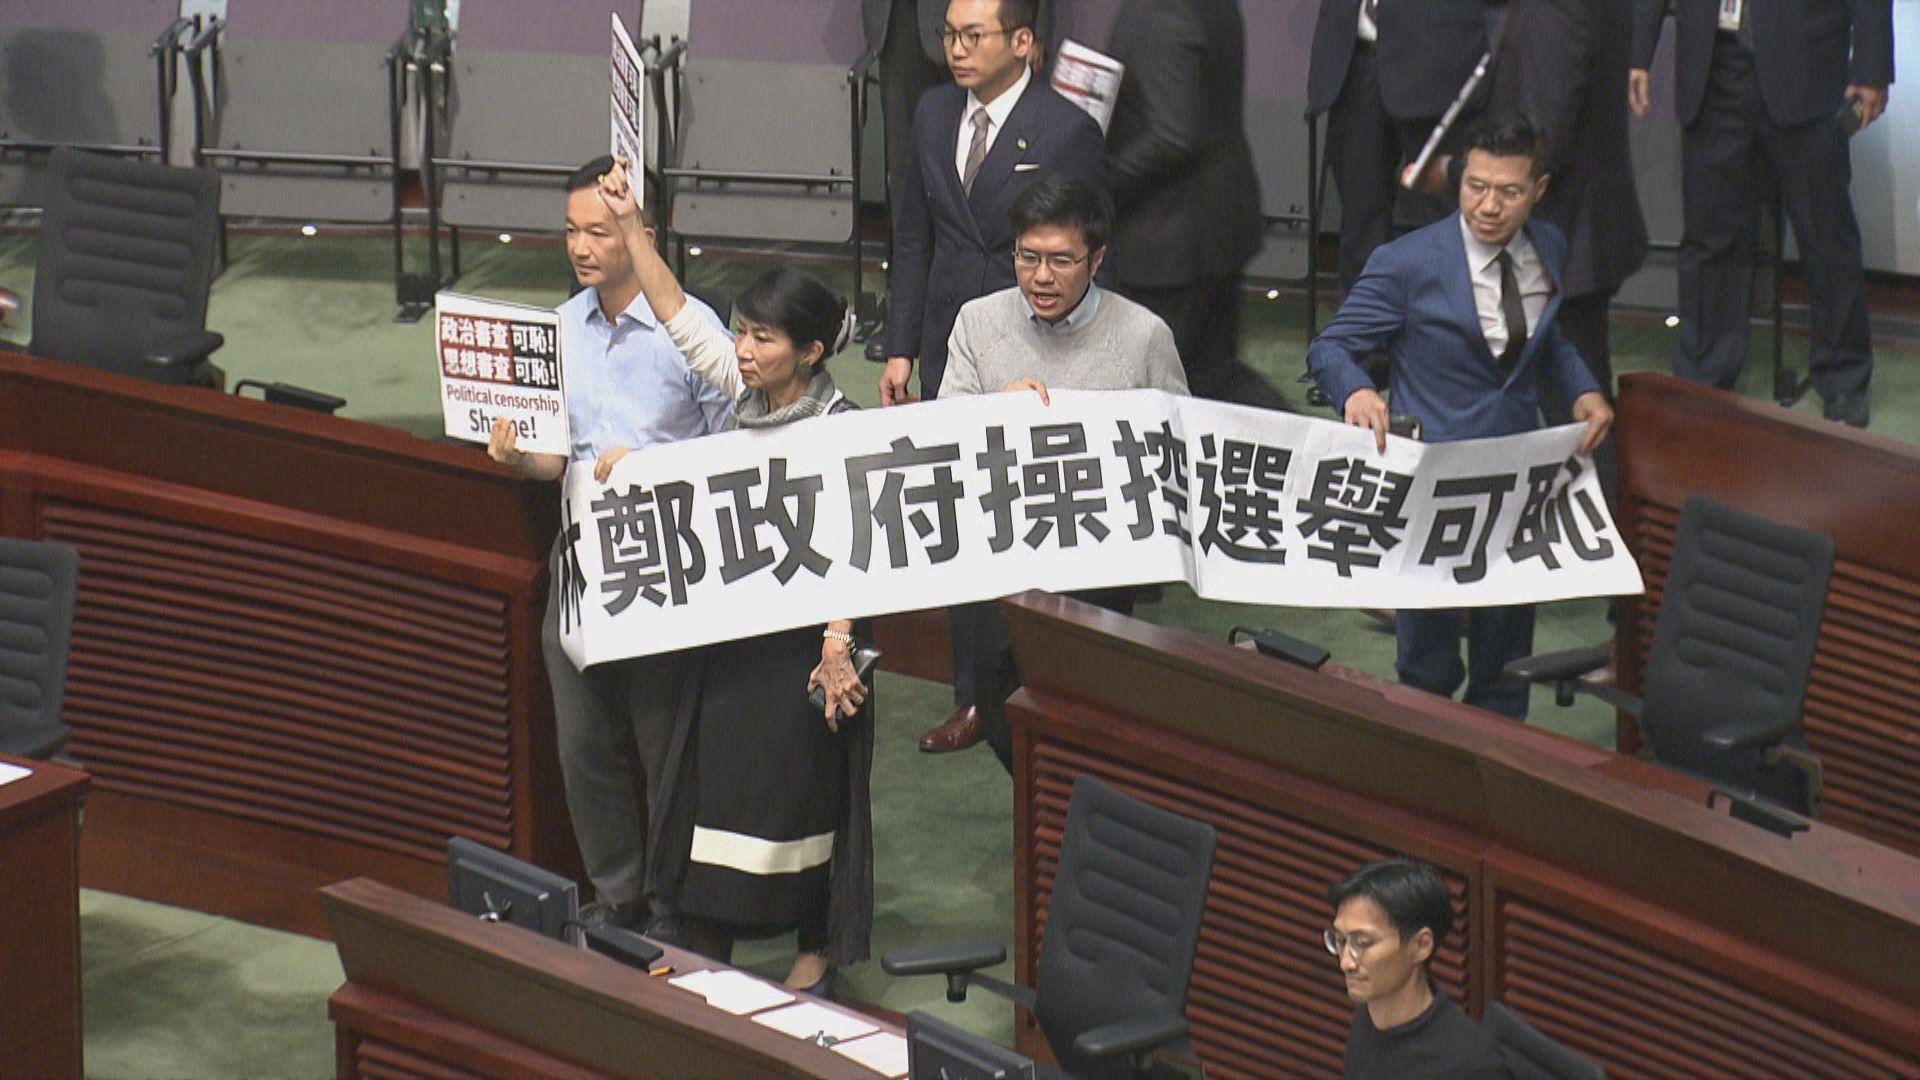 林鄭赴立法會遇示威 質詢時間要取消